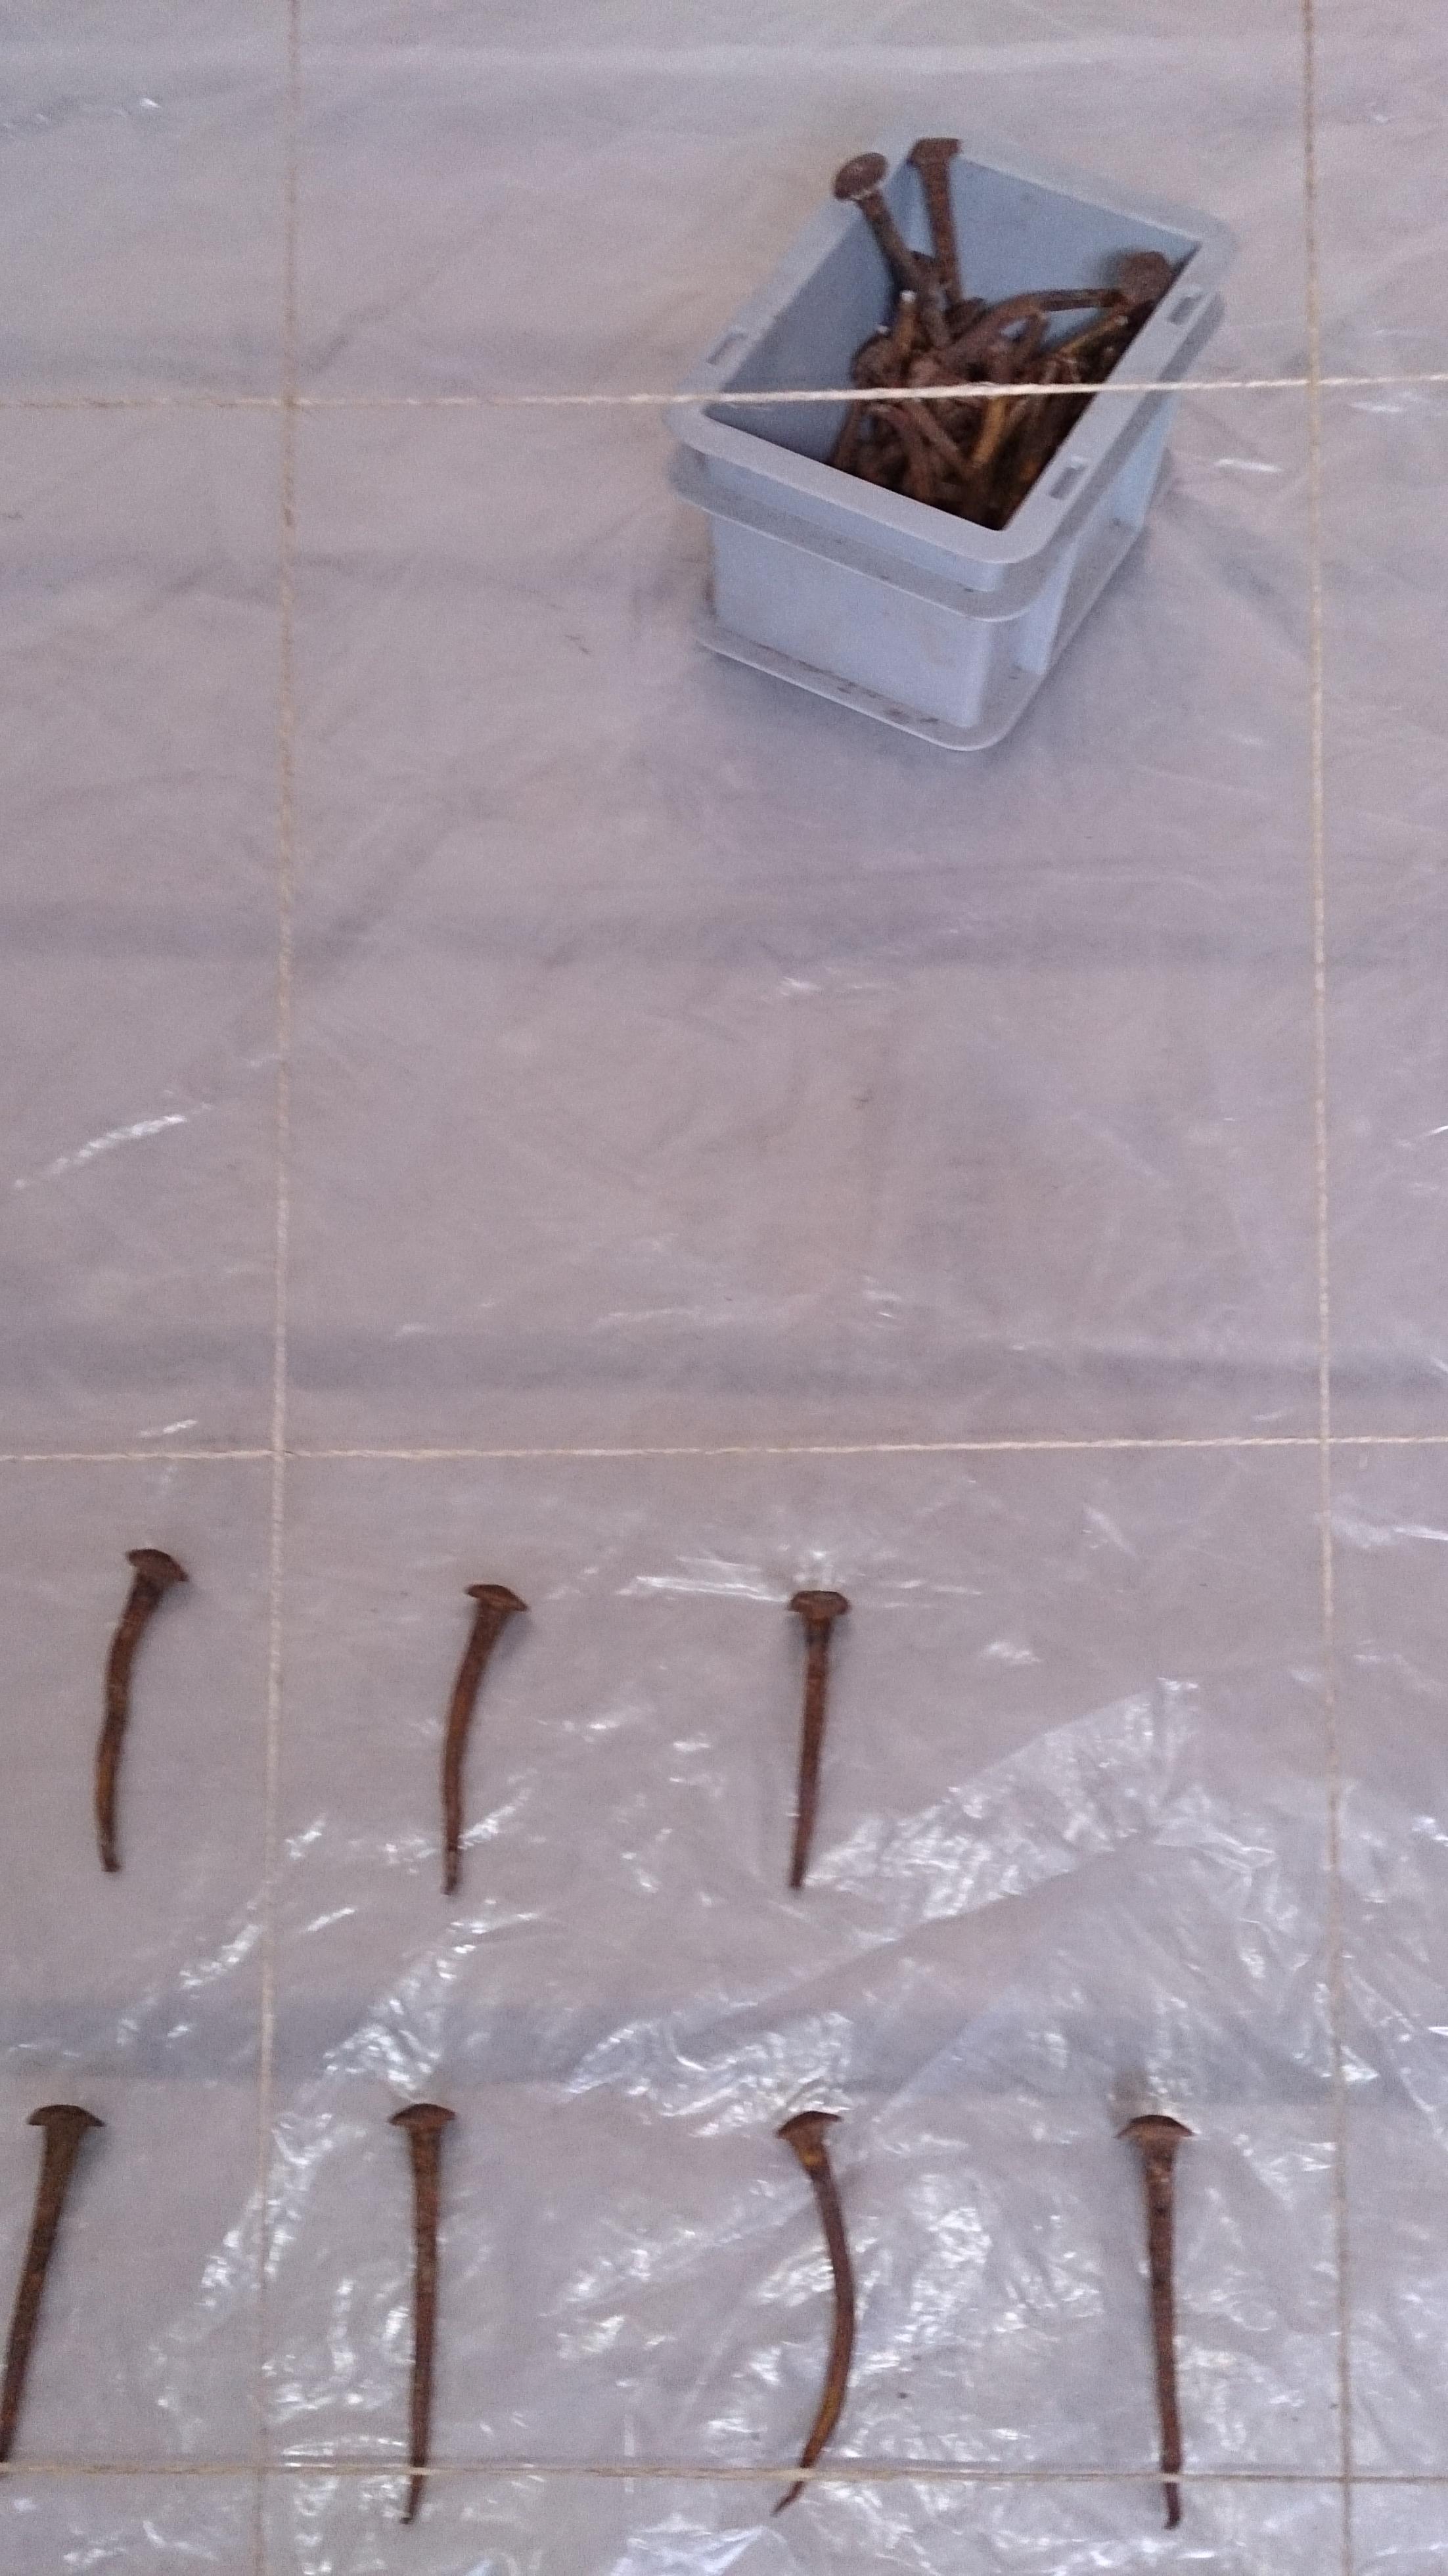 Cruxéologie - détail (clous, cordelette, bache et boite plastique)